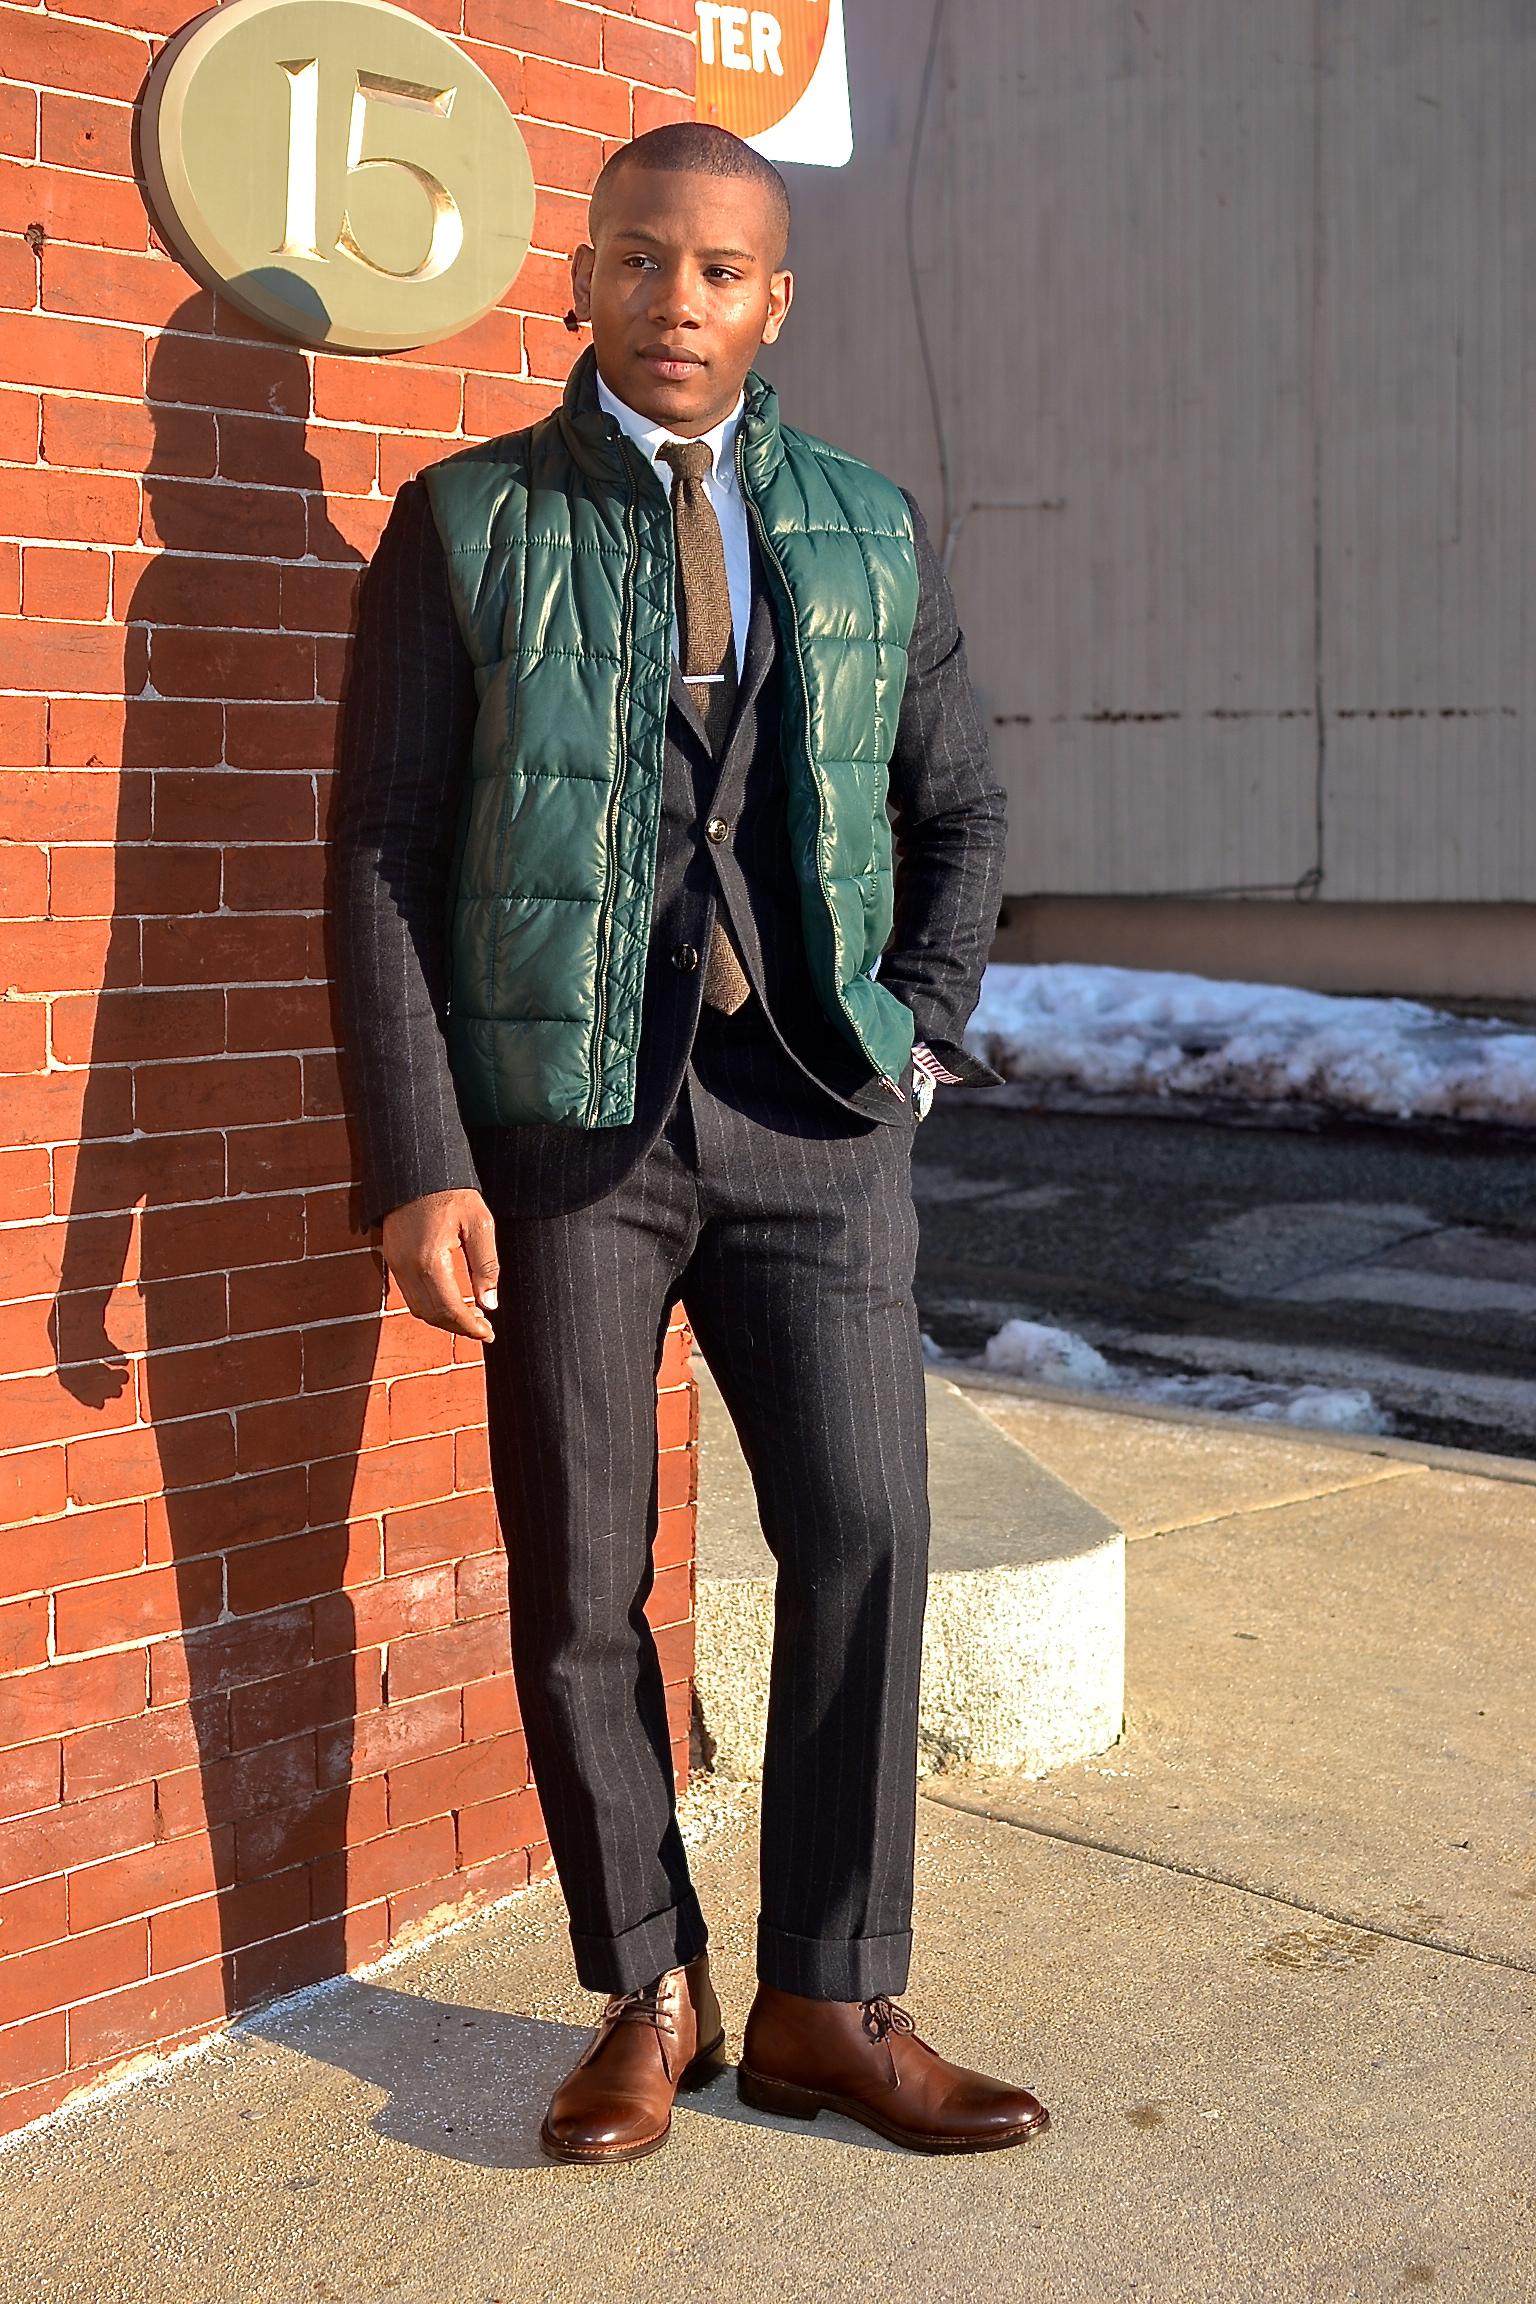 Jack Wills Darrock Wool Chalk Stripe Suit & Beckett Simonon Bailey Chukka Boots